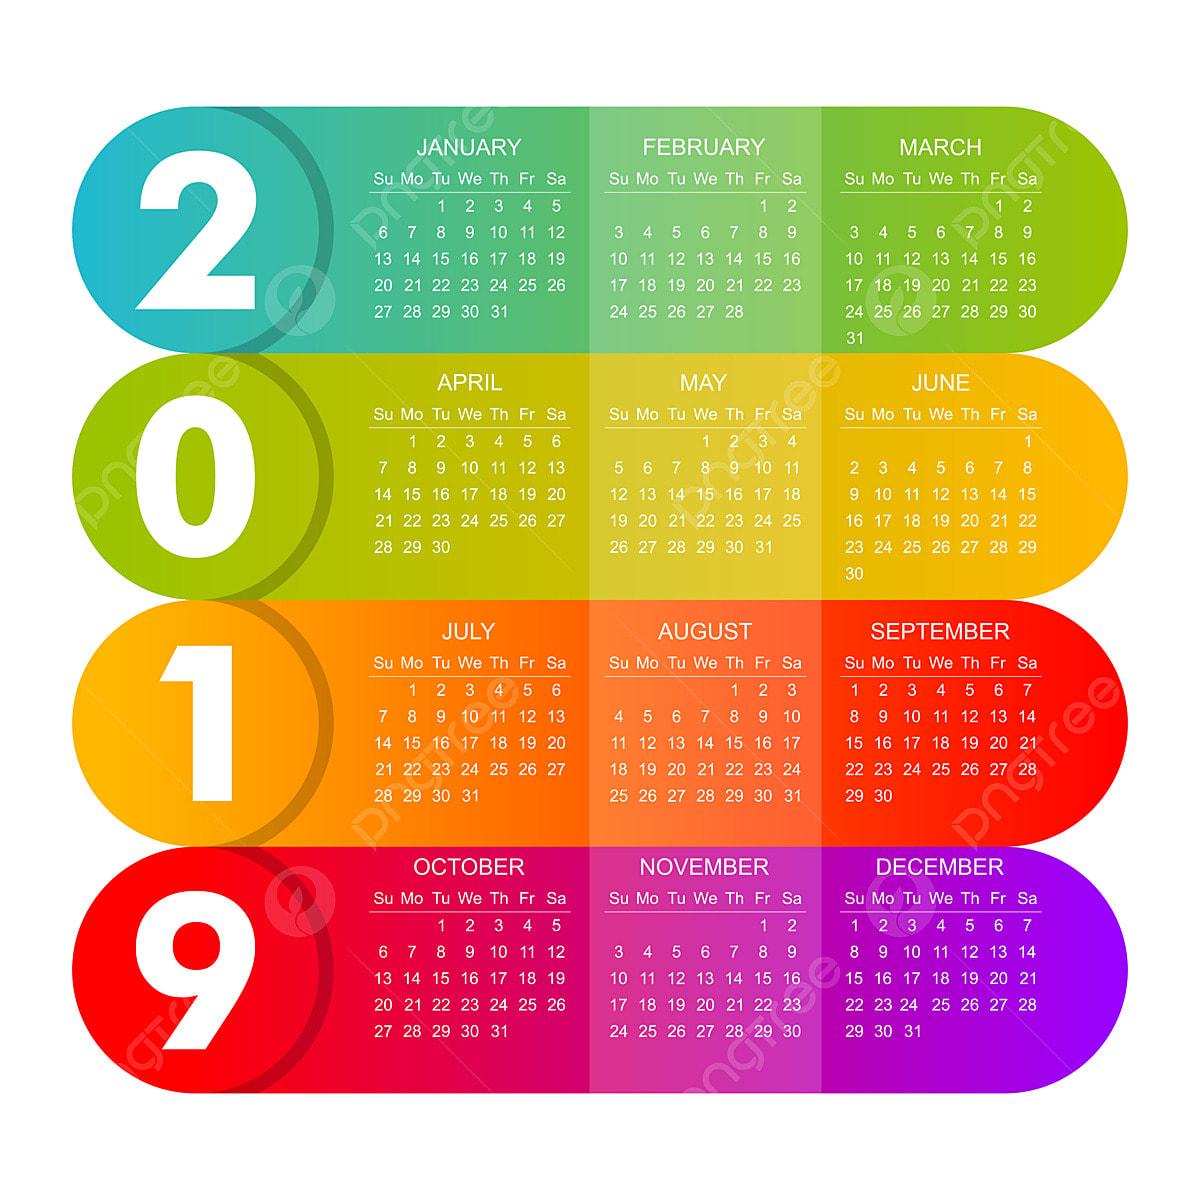 Calendario 2019 Moderno.Il Moderno 2019 Calendario E Ricco Di Colore Annuale Png E